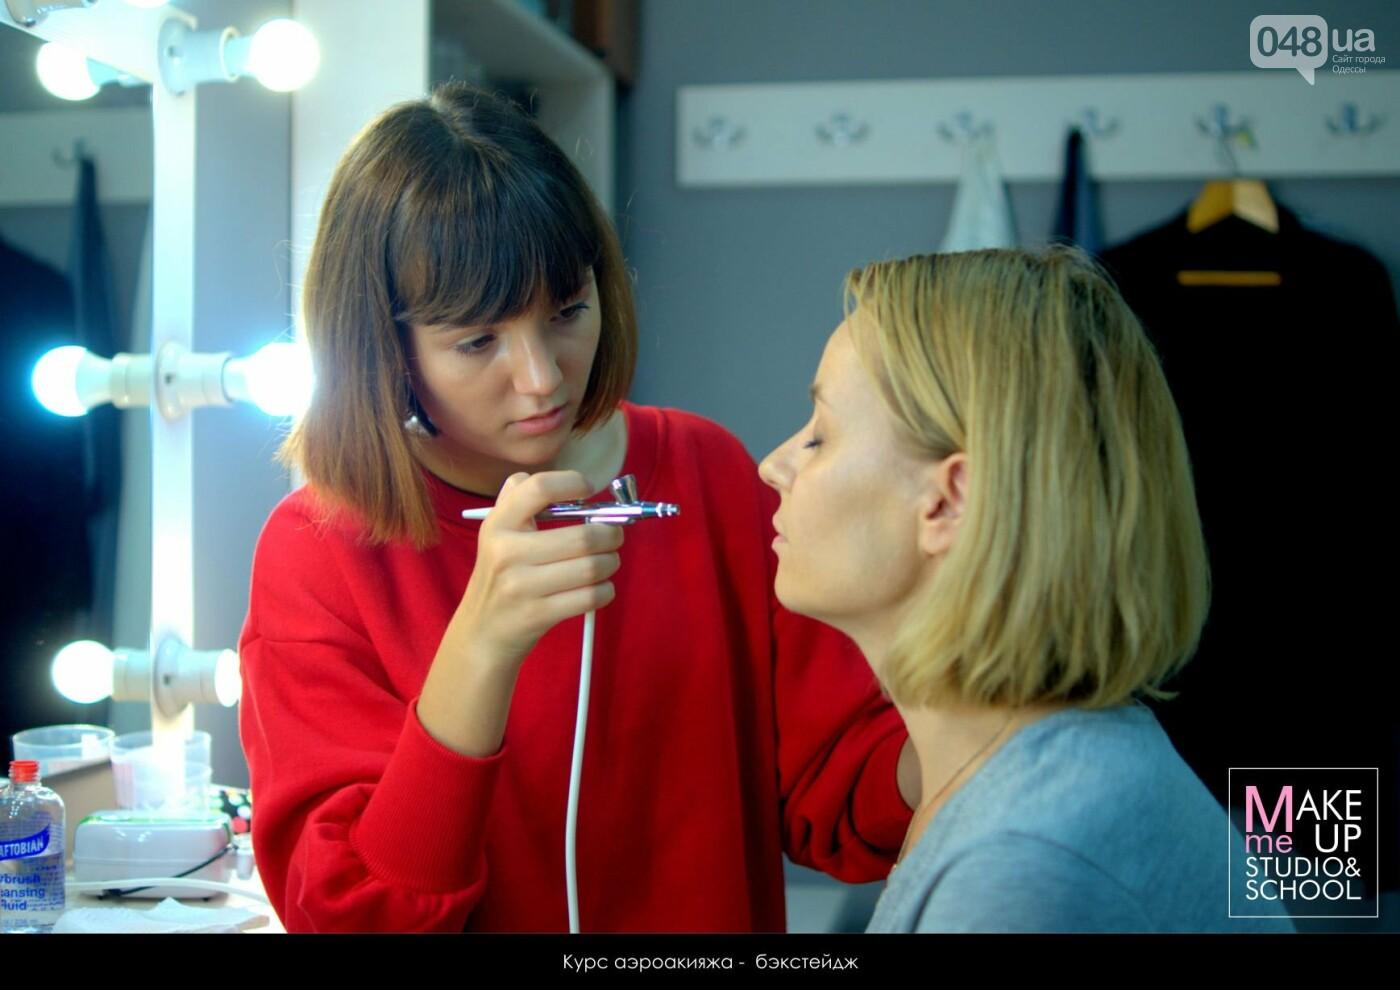 Курсы красоты в Одессе: визаж, макияж, маникюр и педикюр, фото-39